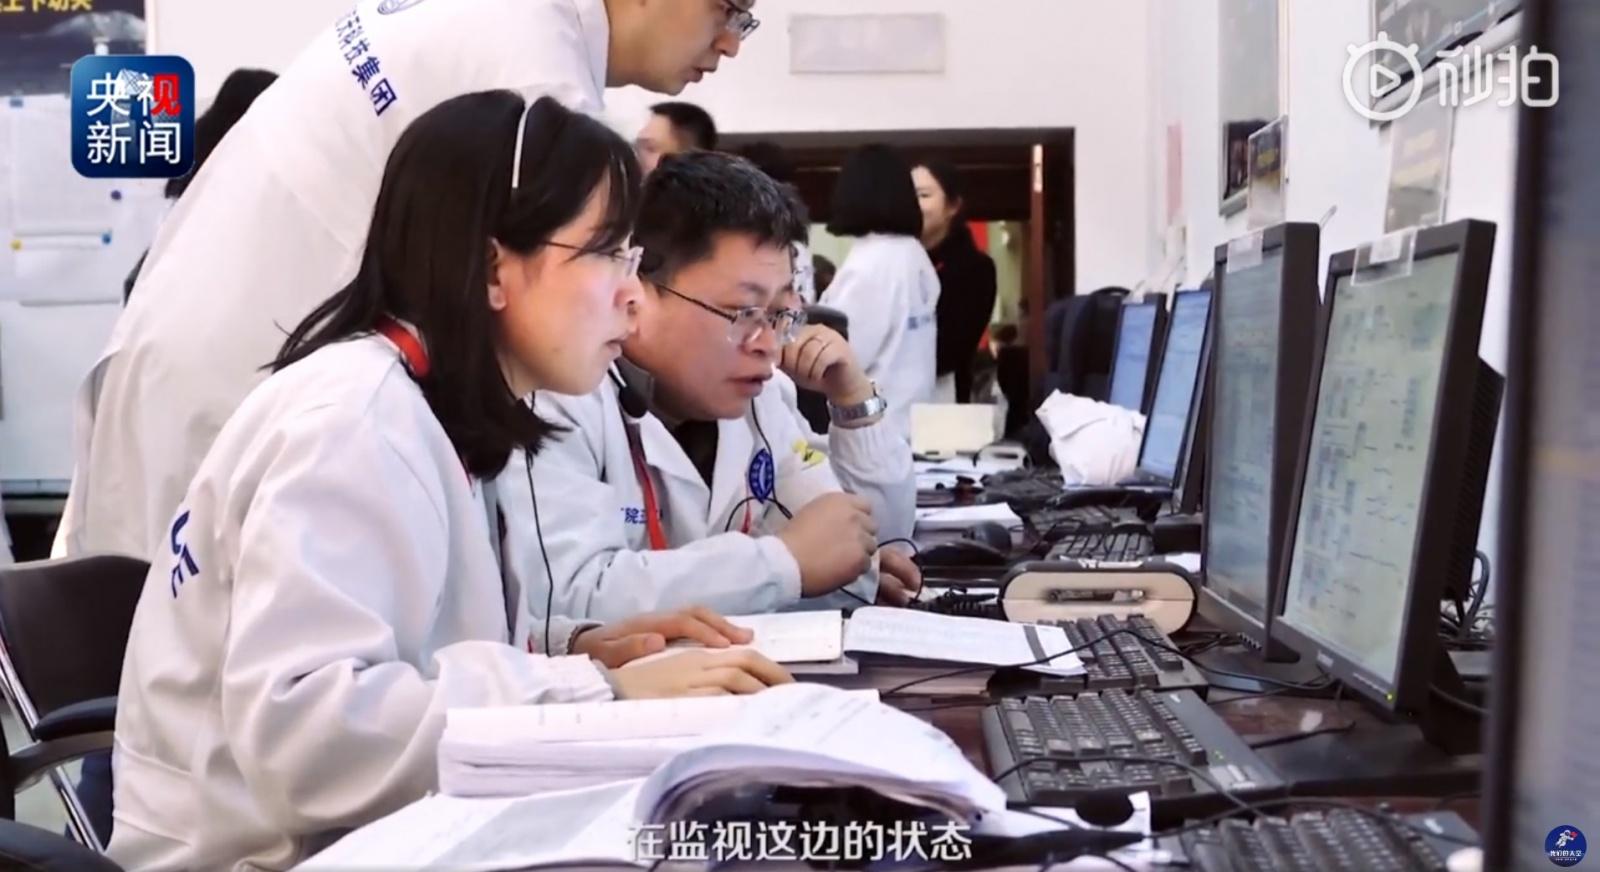 Суровая рабочая реальность — Китайский космодром Сичан (Xichang Satellite Launch Center — XSLC) - 117